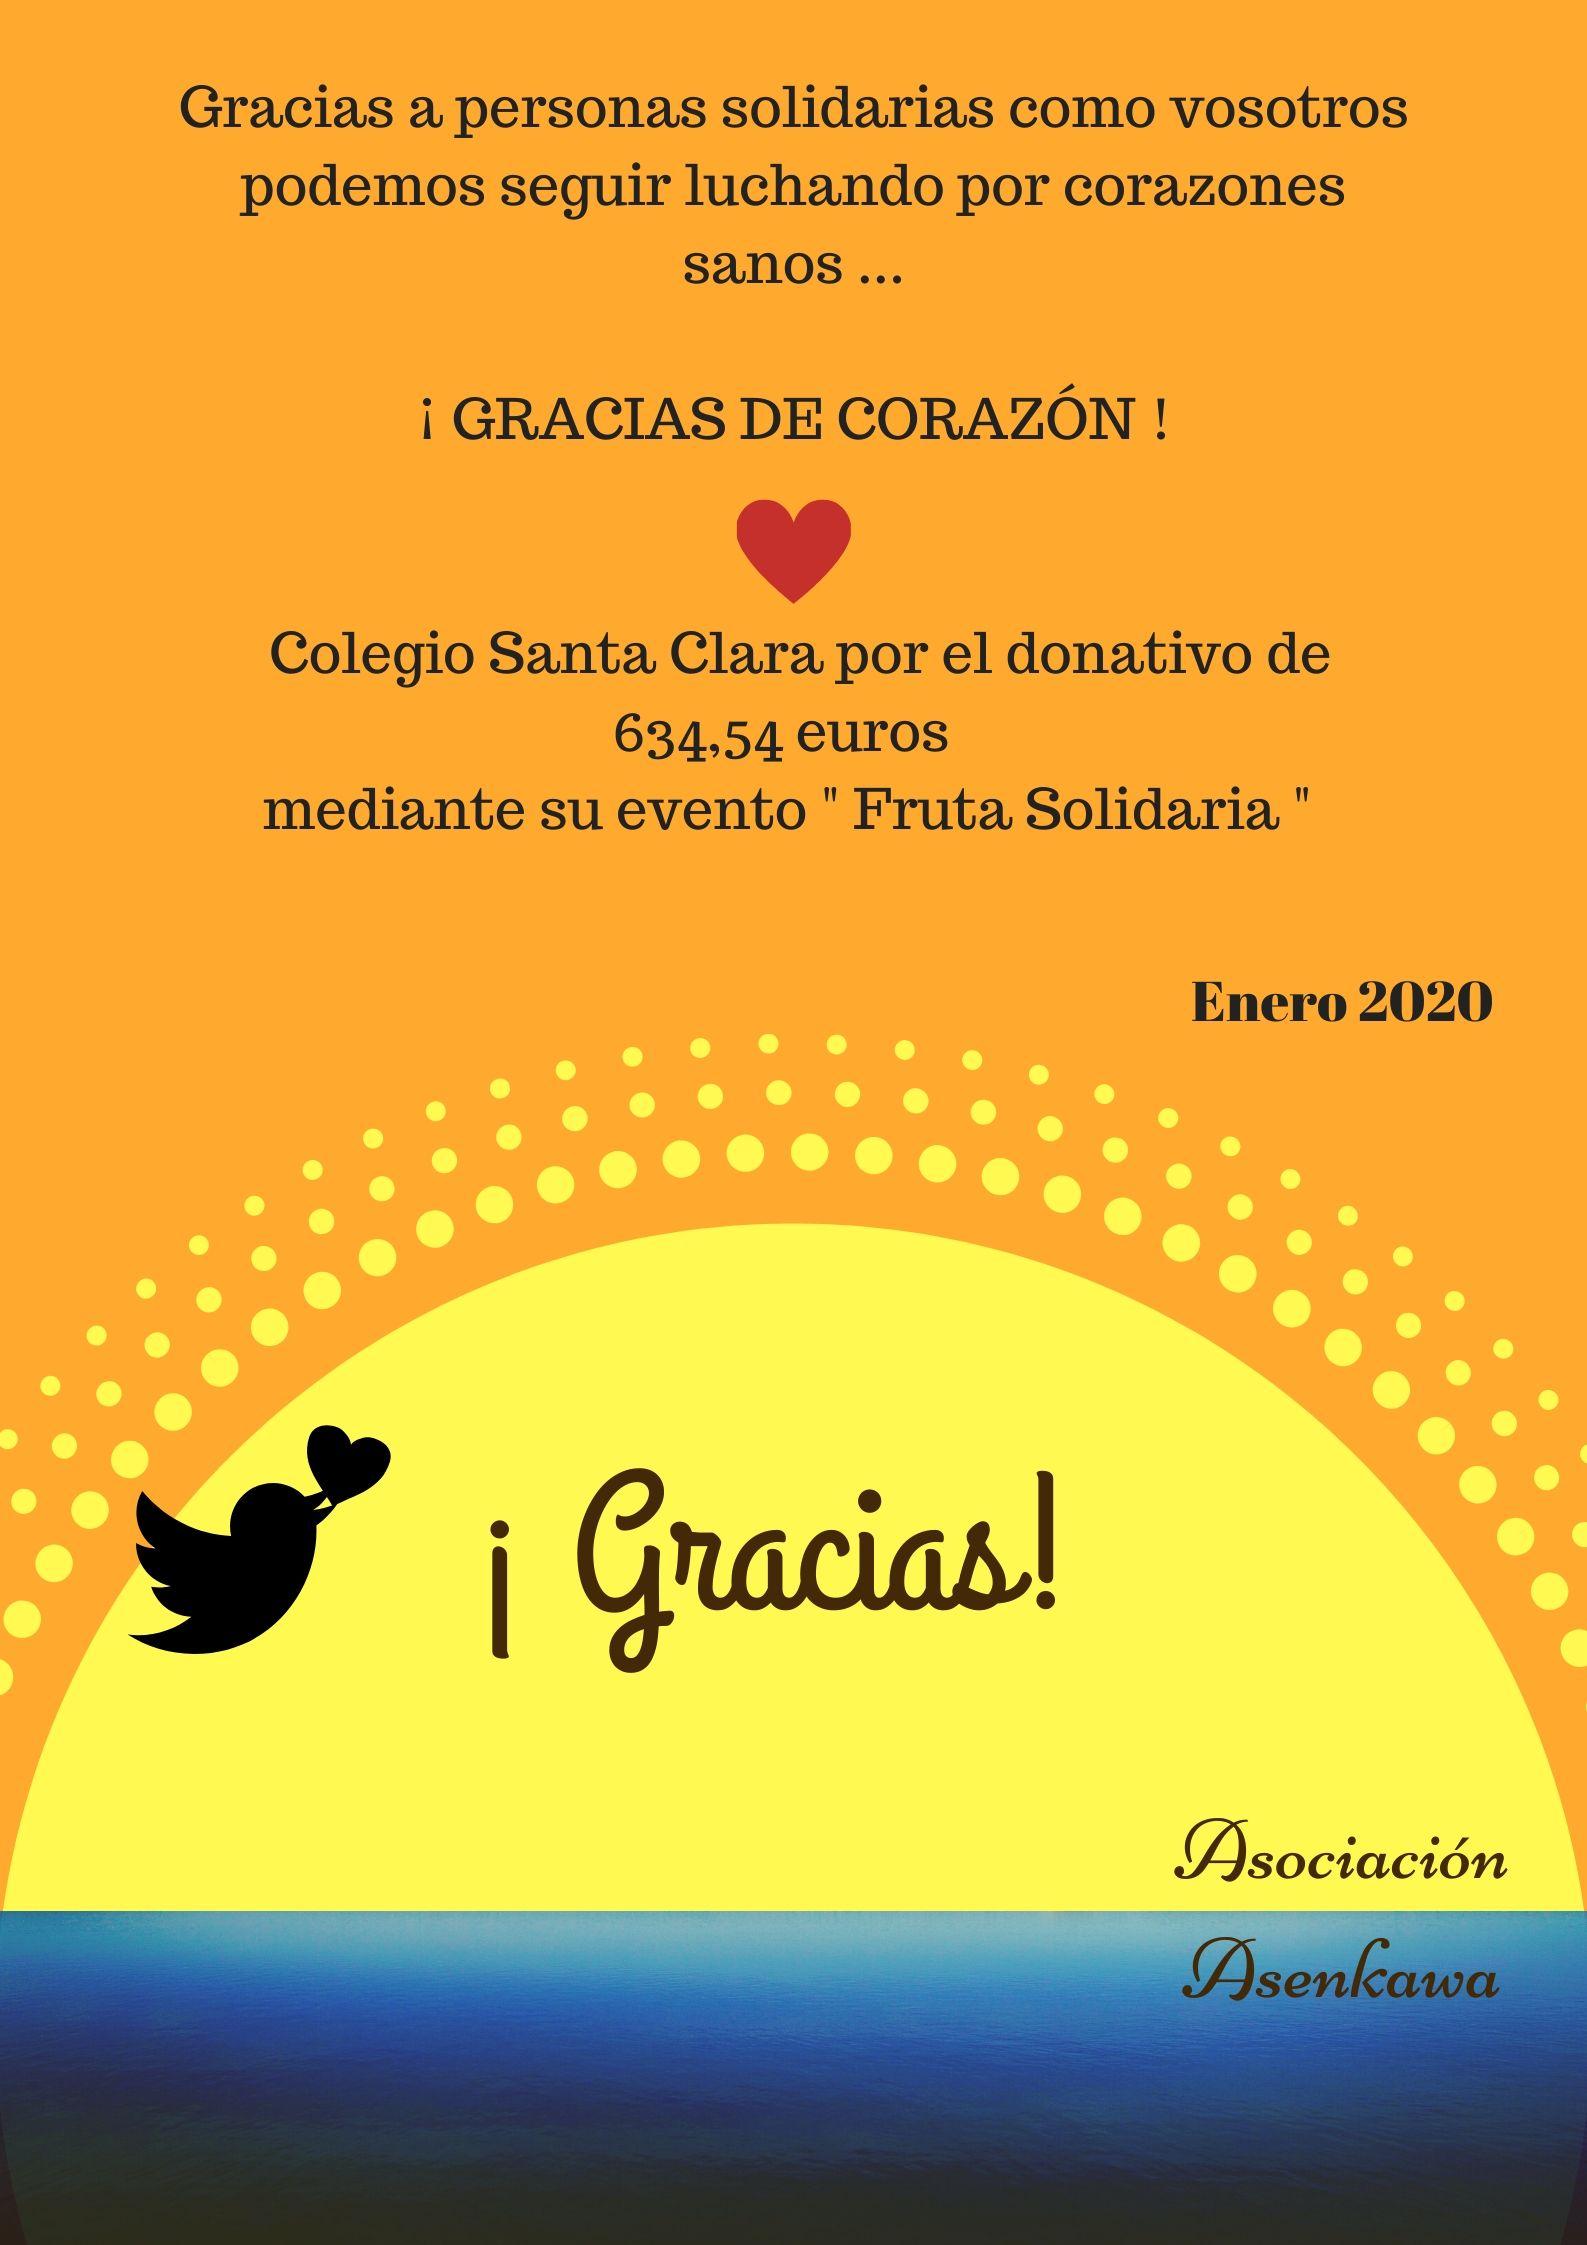 ¡ Gracias! Colegio Santa Clara